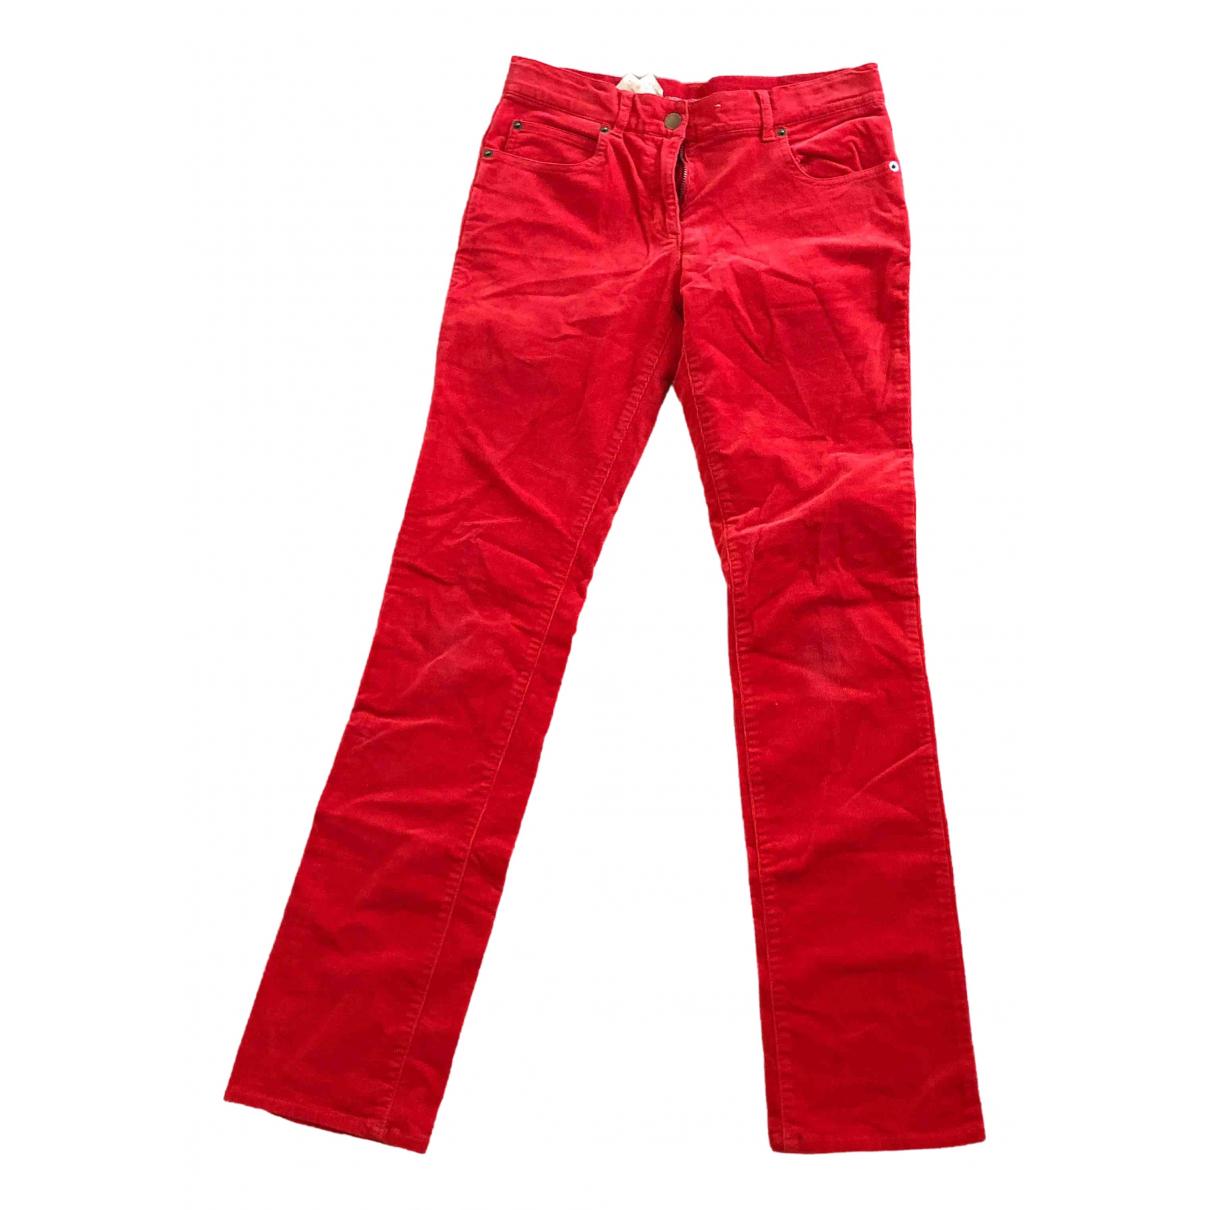 Pantalones en Algodon Rojo Benetton